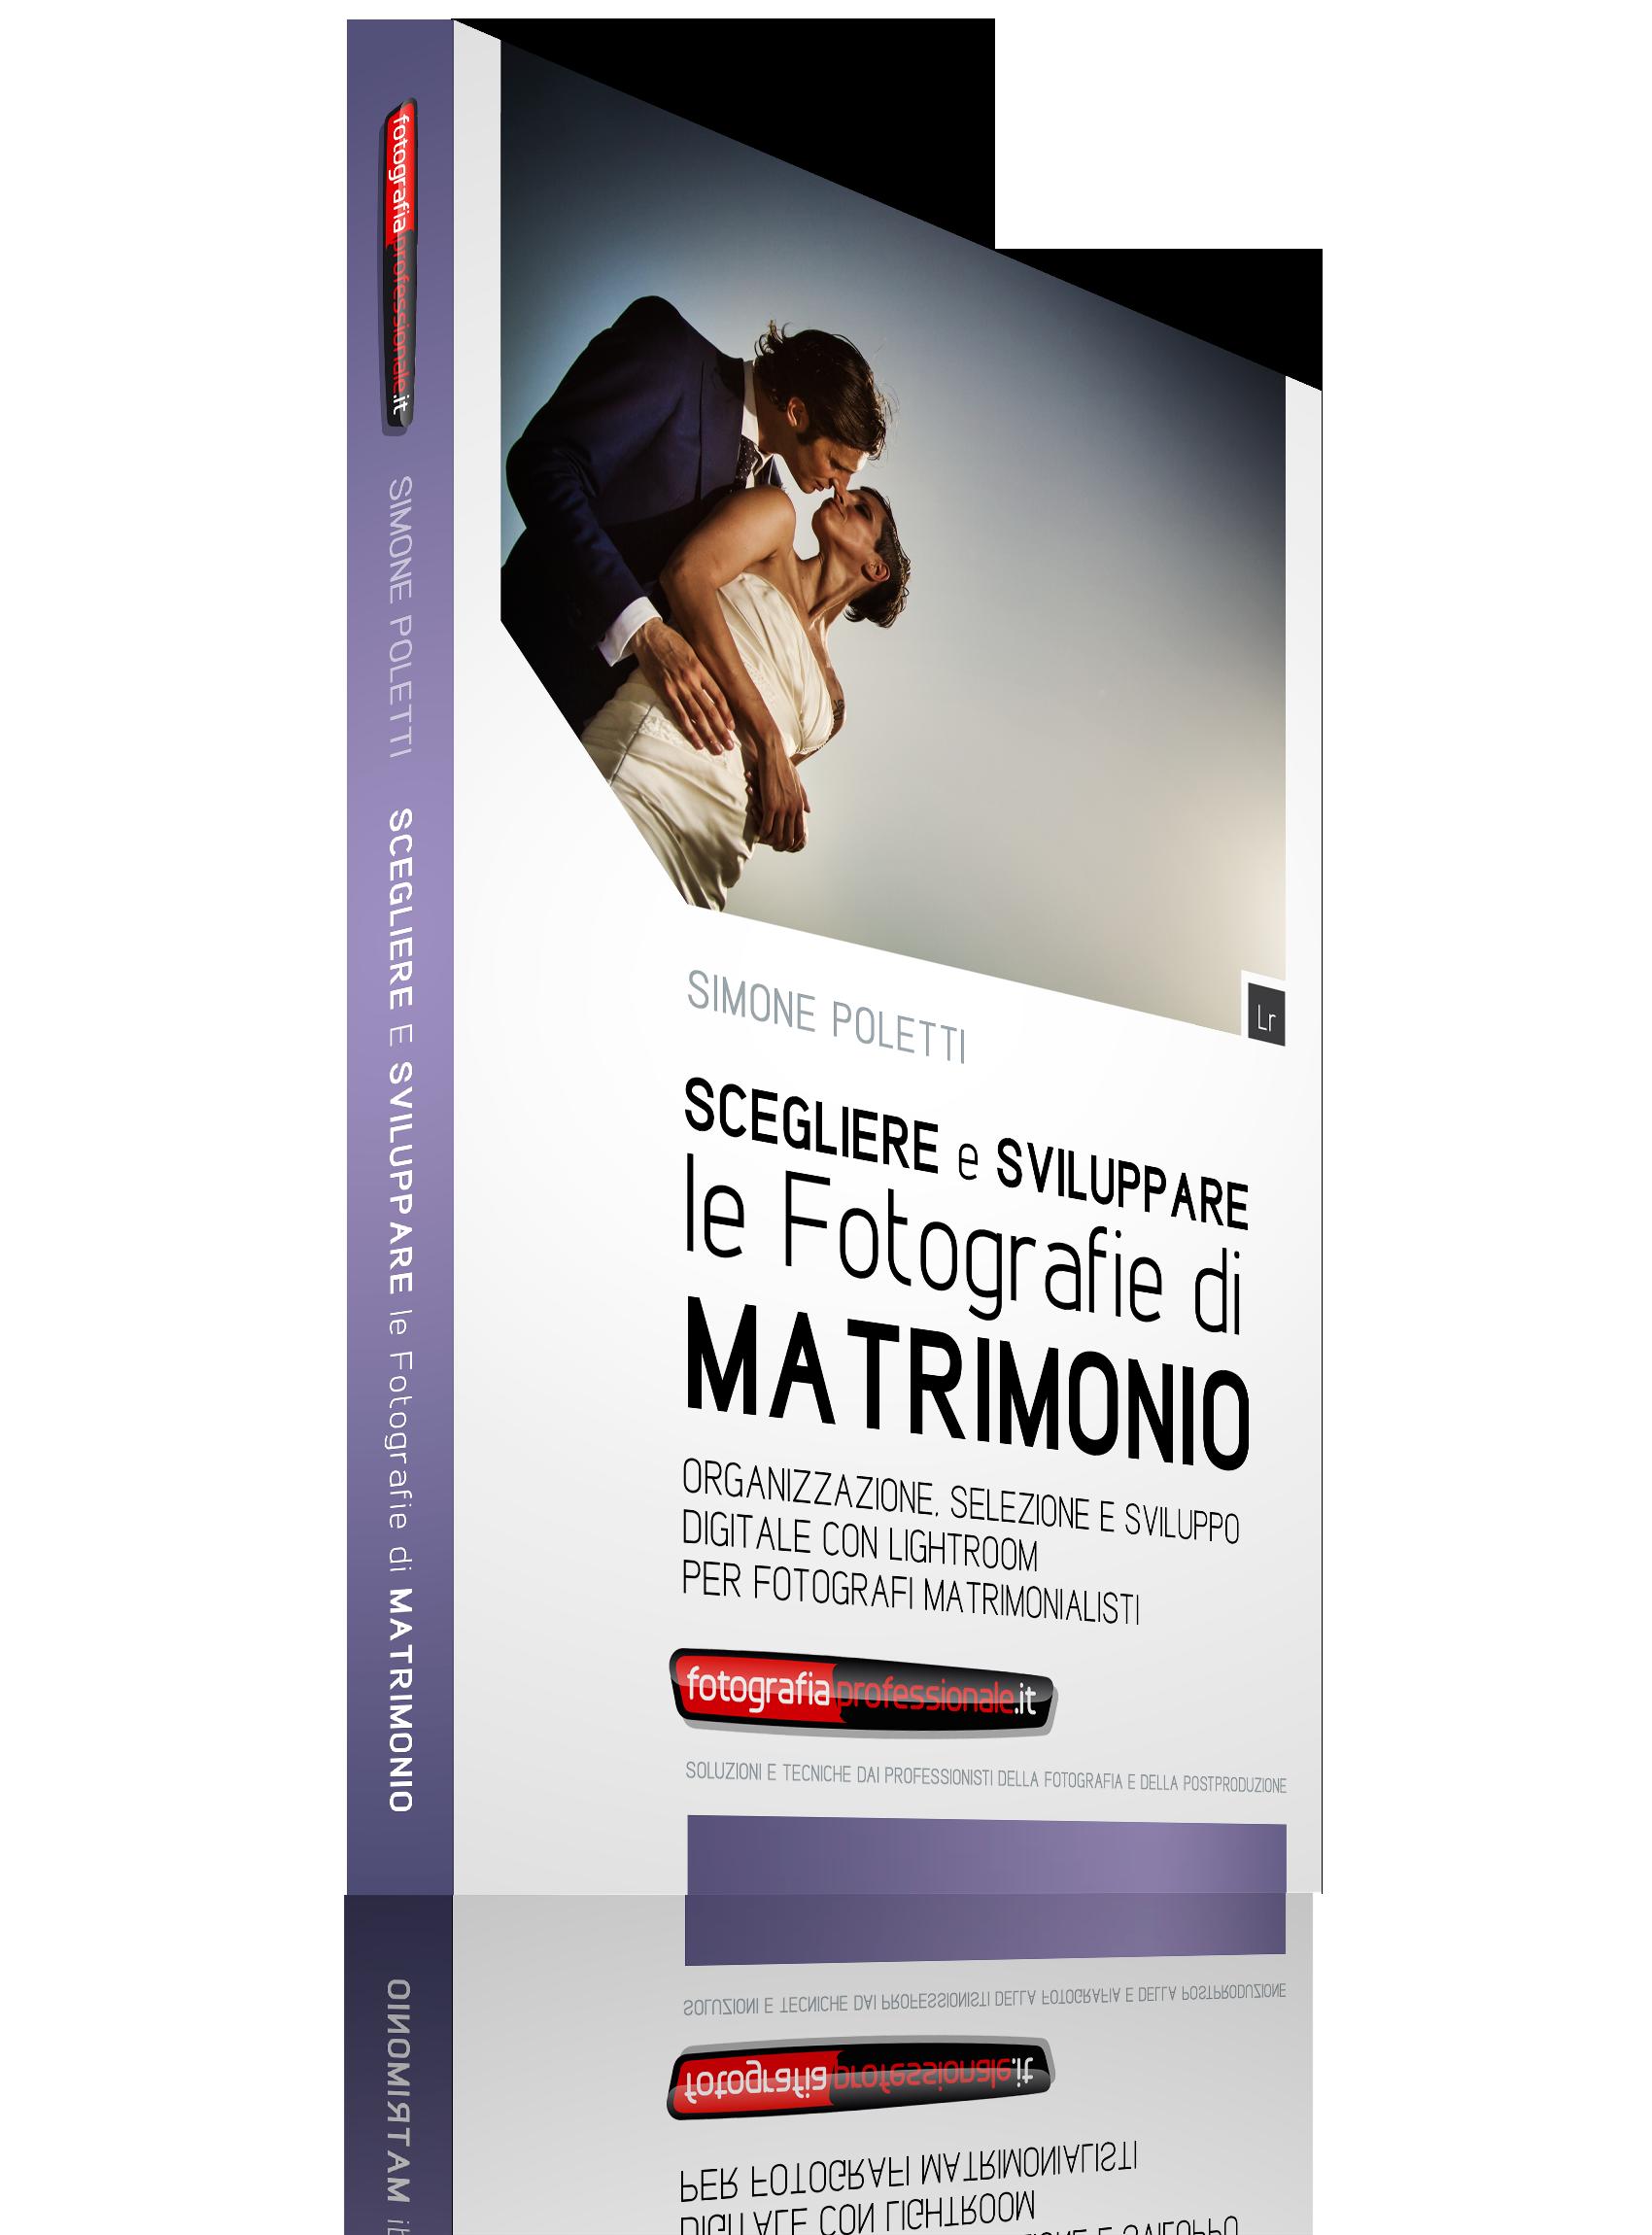 Scegliere e Sviluppare le Fotografie di Matrimonio